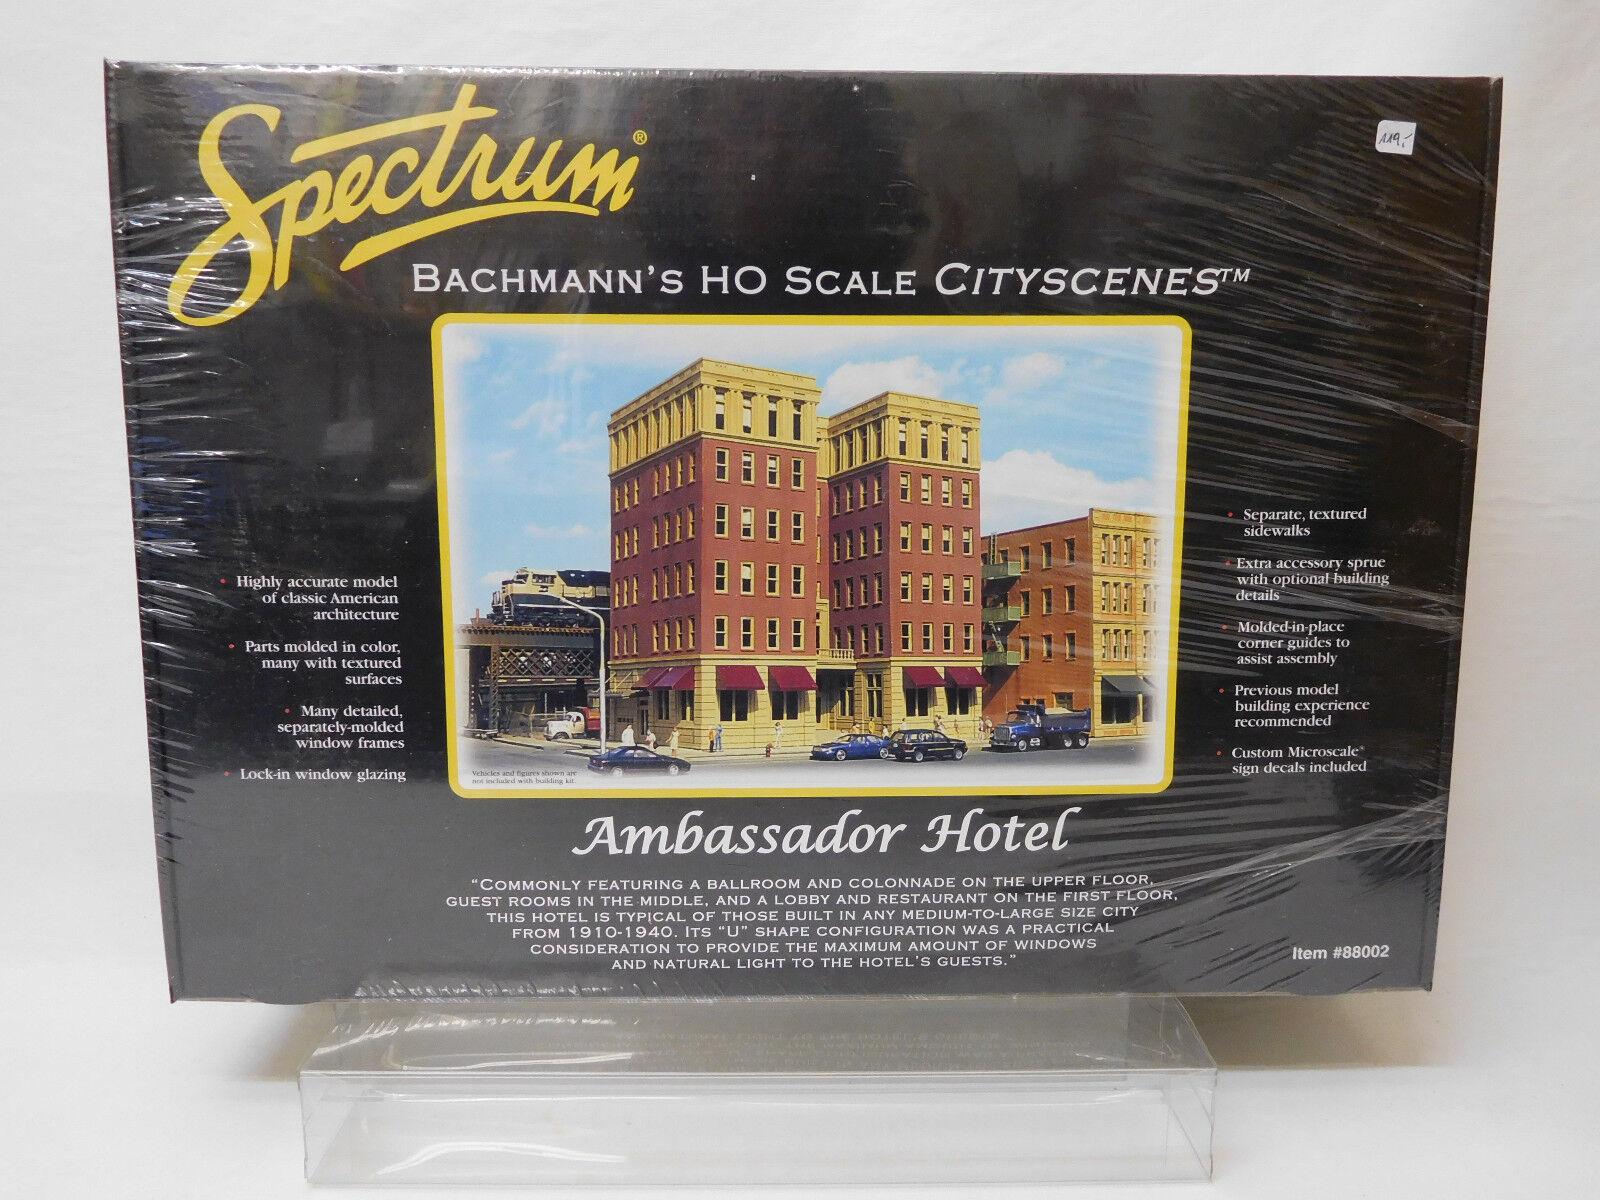 Mes-54392 Spectrum 88002 h0 Ambassador Hotel Kit Unopened